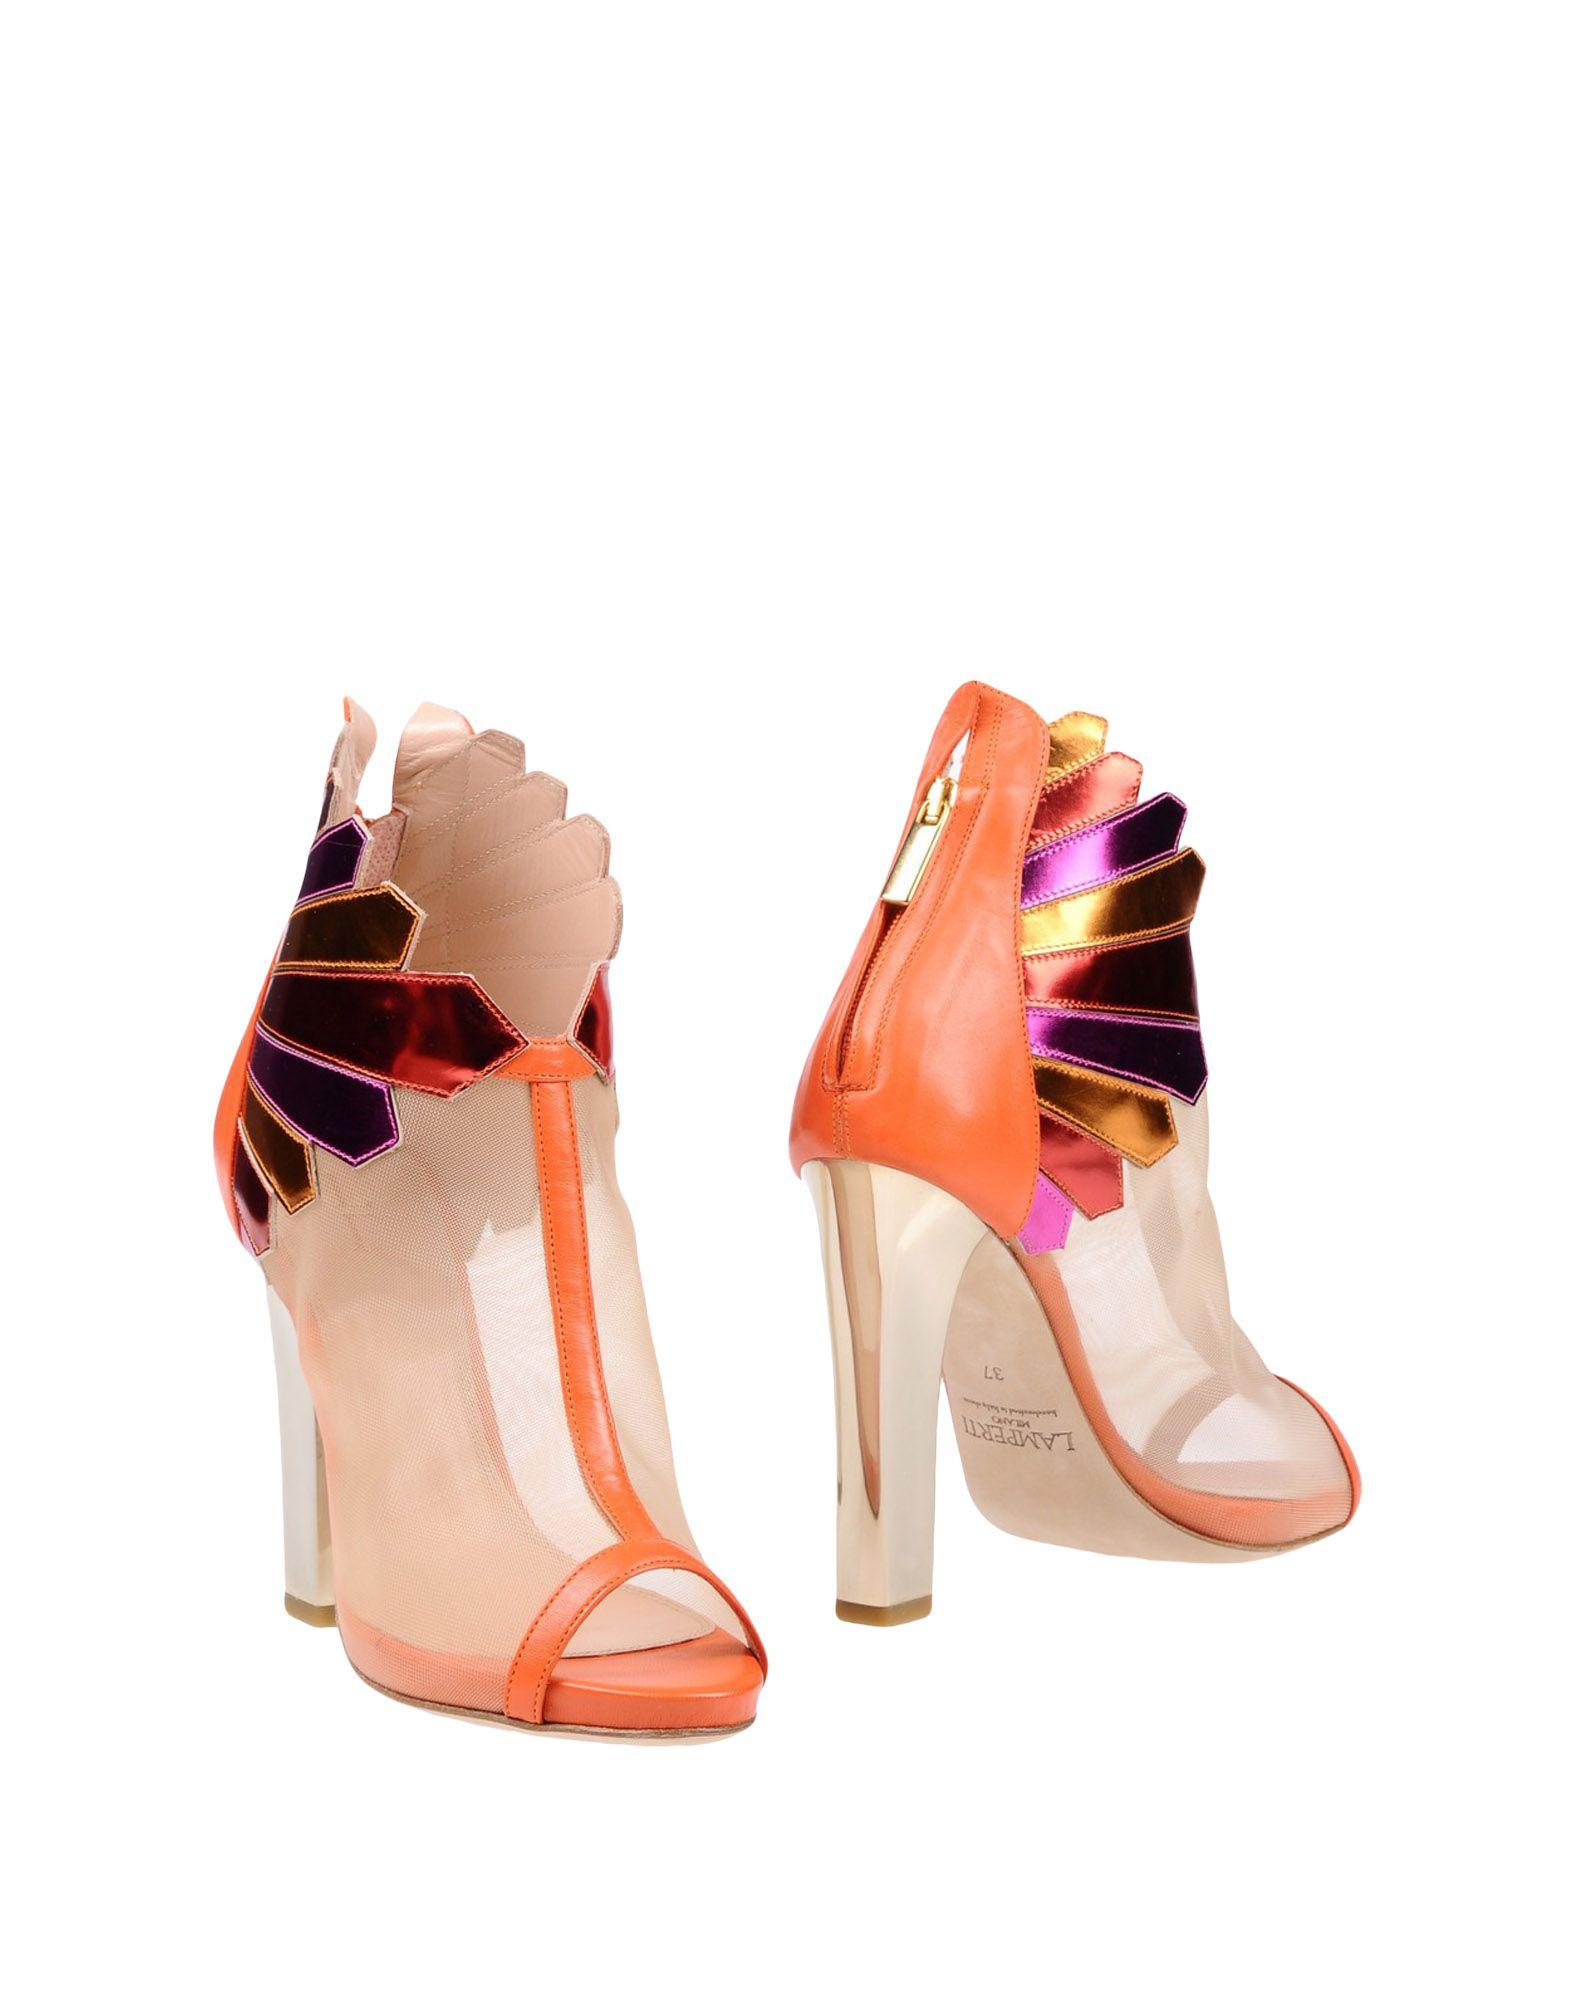 LAMPERTI MILANO Ankle Boots in Orange